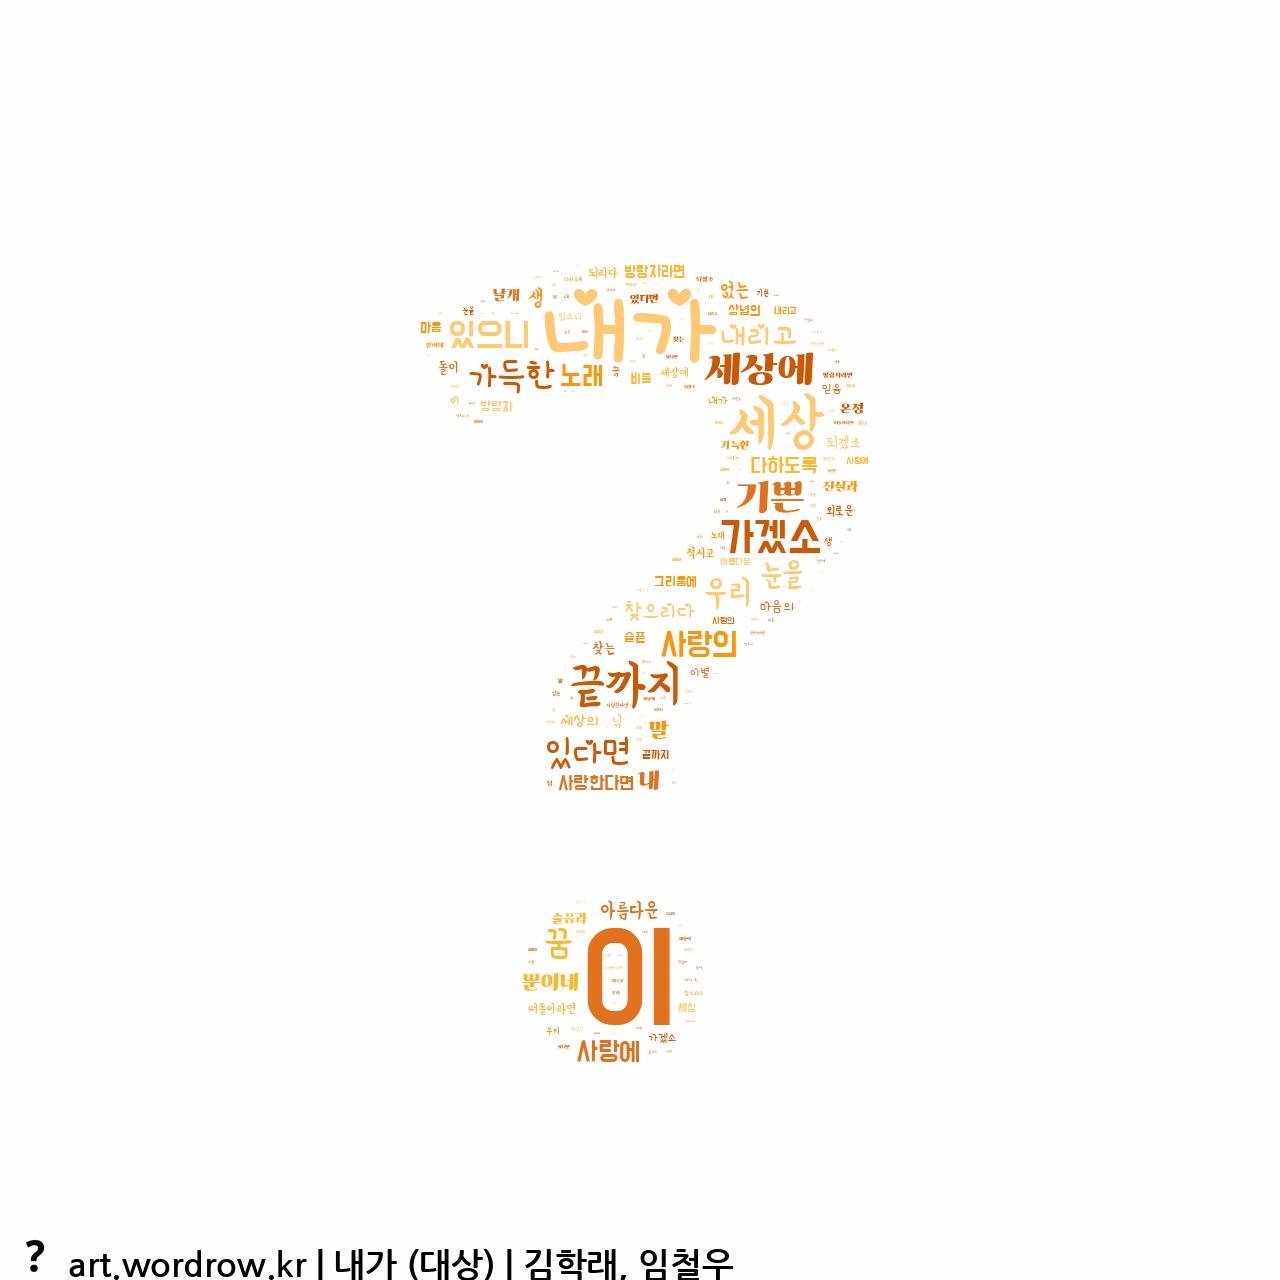 워드 아트: 내가 (대상) [김학래, 임철우]-3